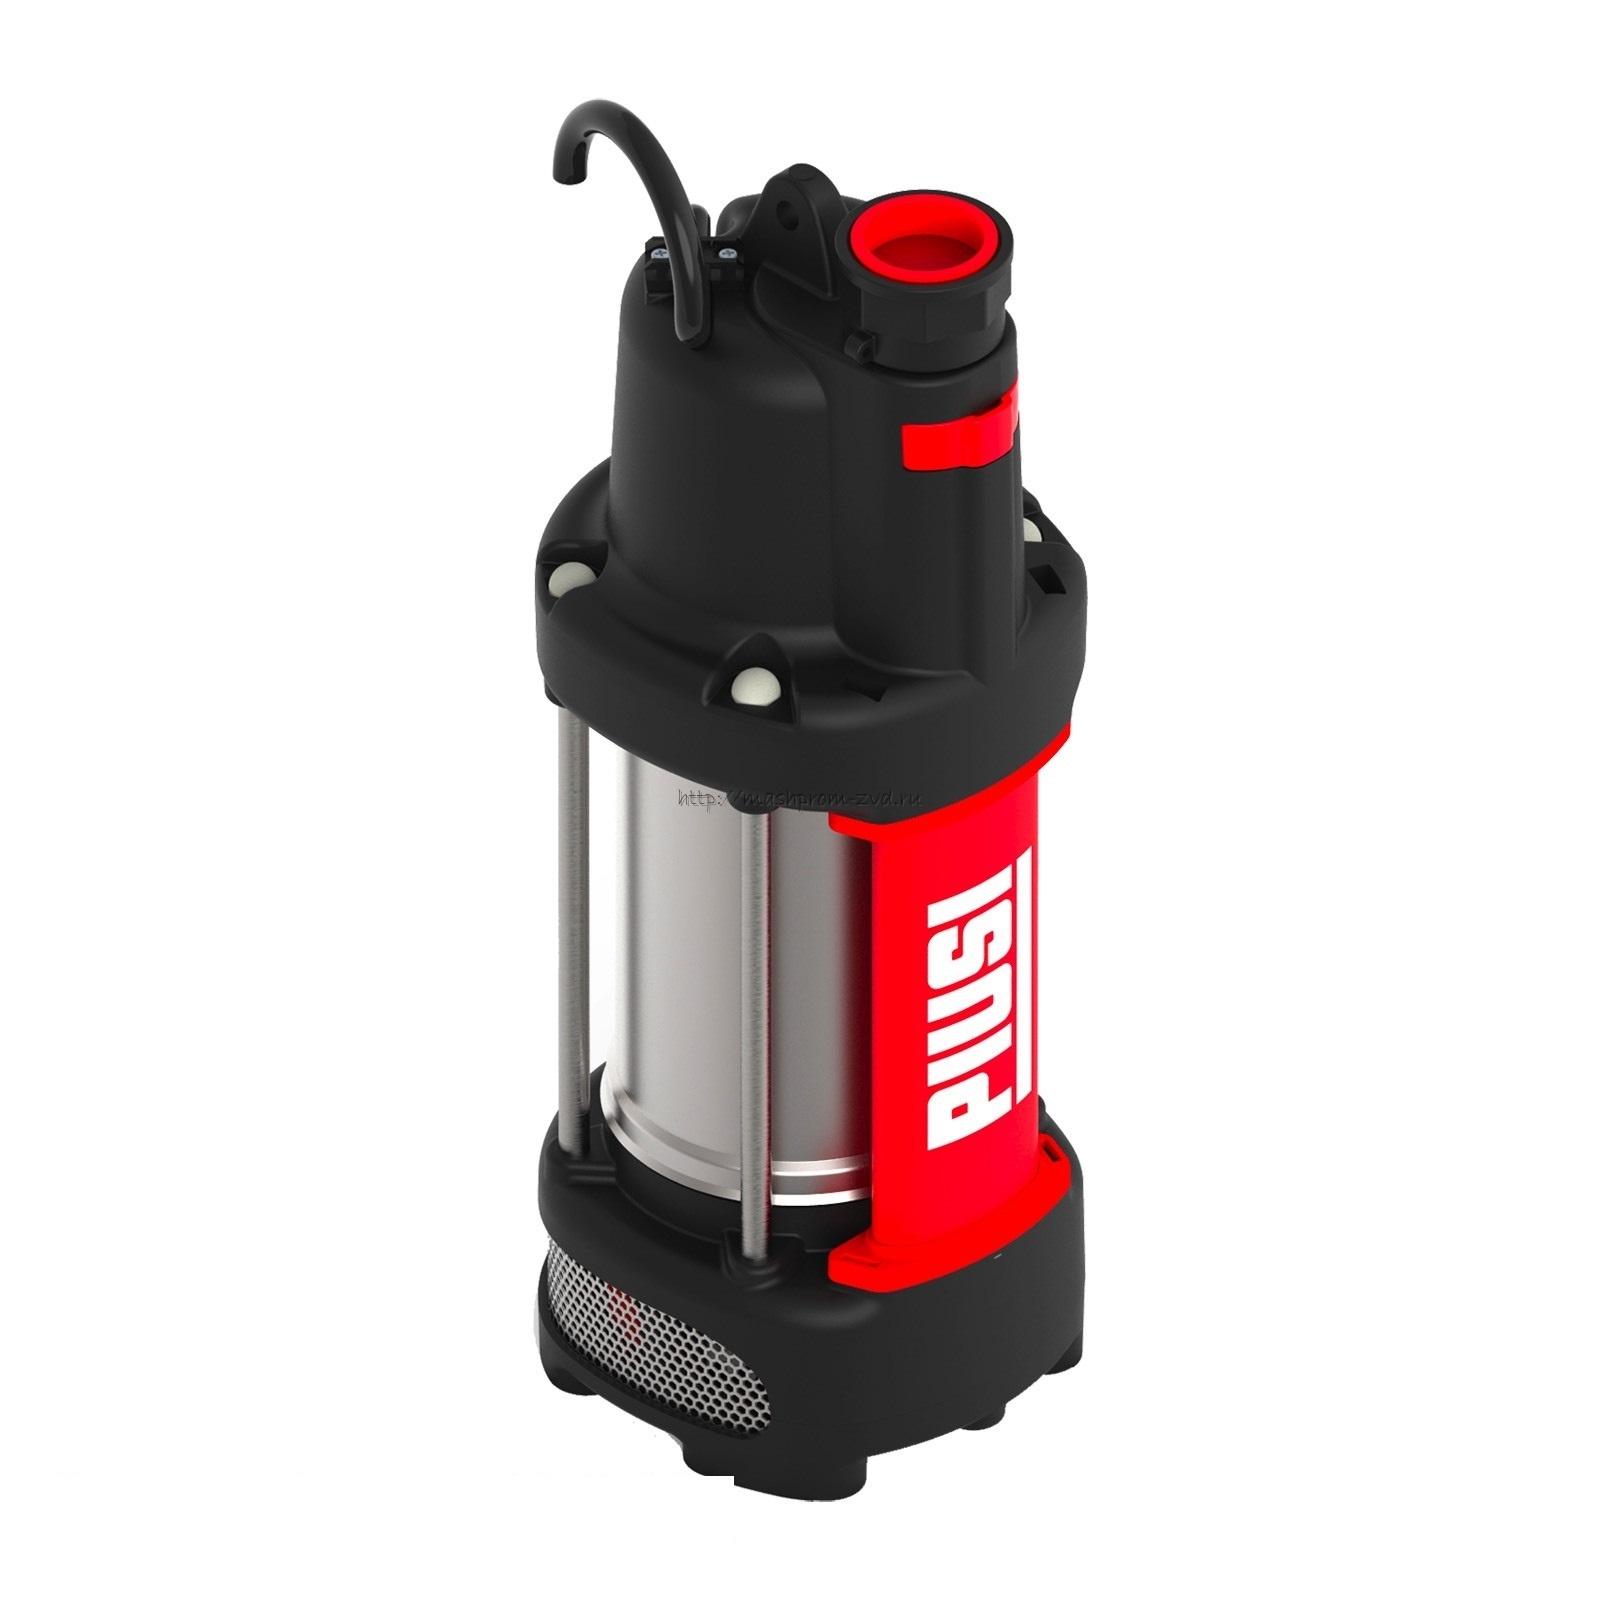 SQUALO 35 230/50 BASIC арт. F00206010 - погружной электронасос для AdBlue/воды, 35 л/мин